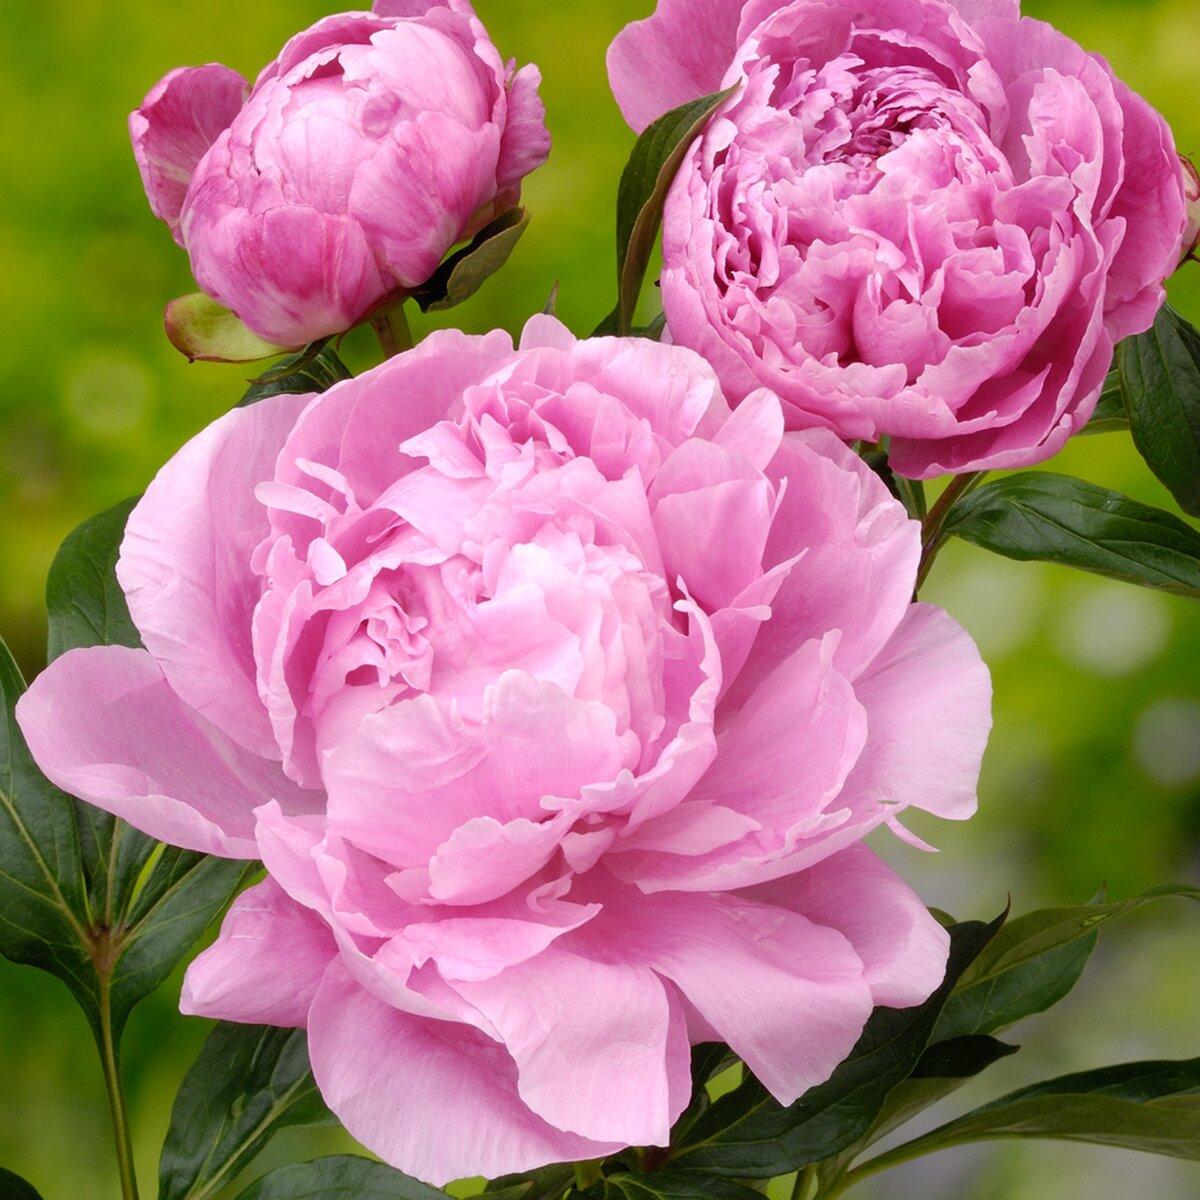 цветы пионы фото красивые картинки отделки